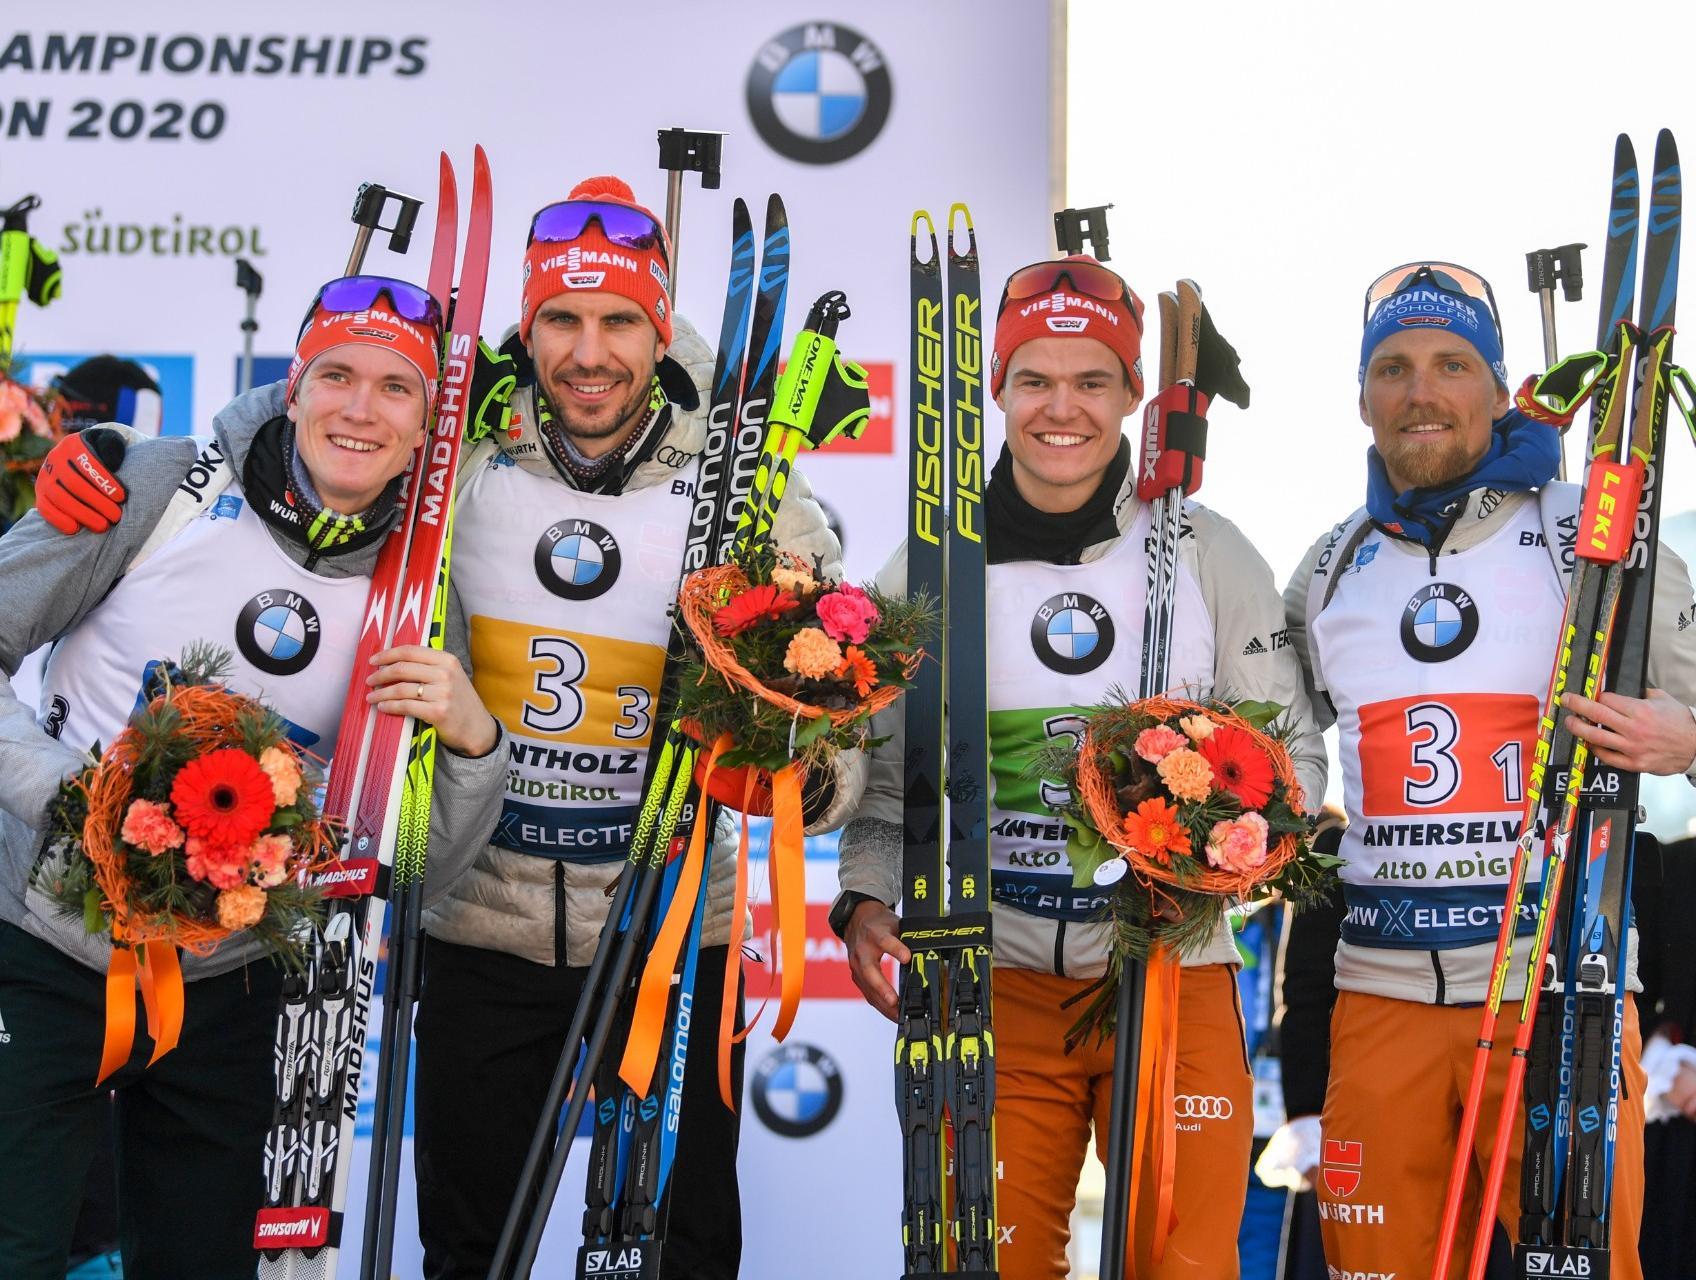 Biathlon In Oslo 2021